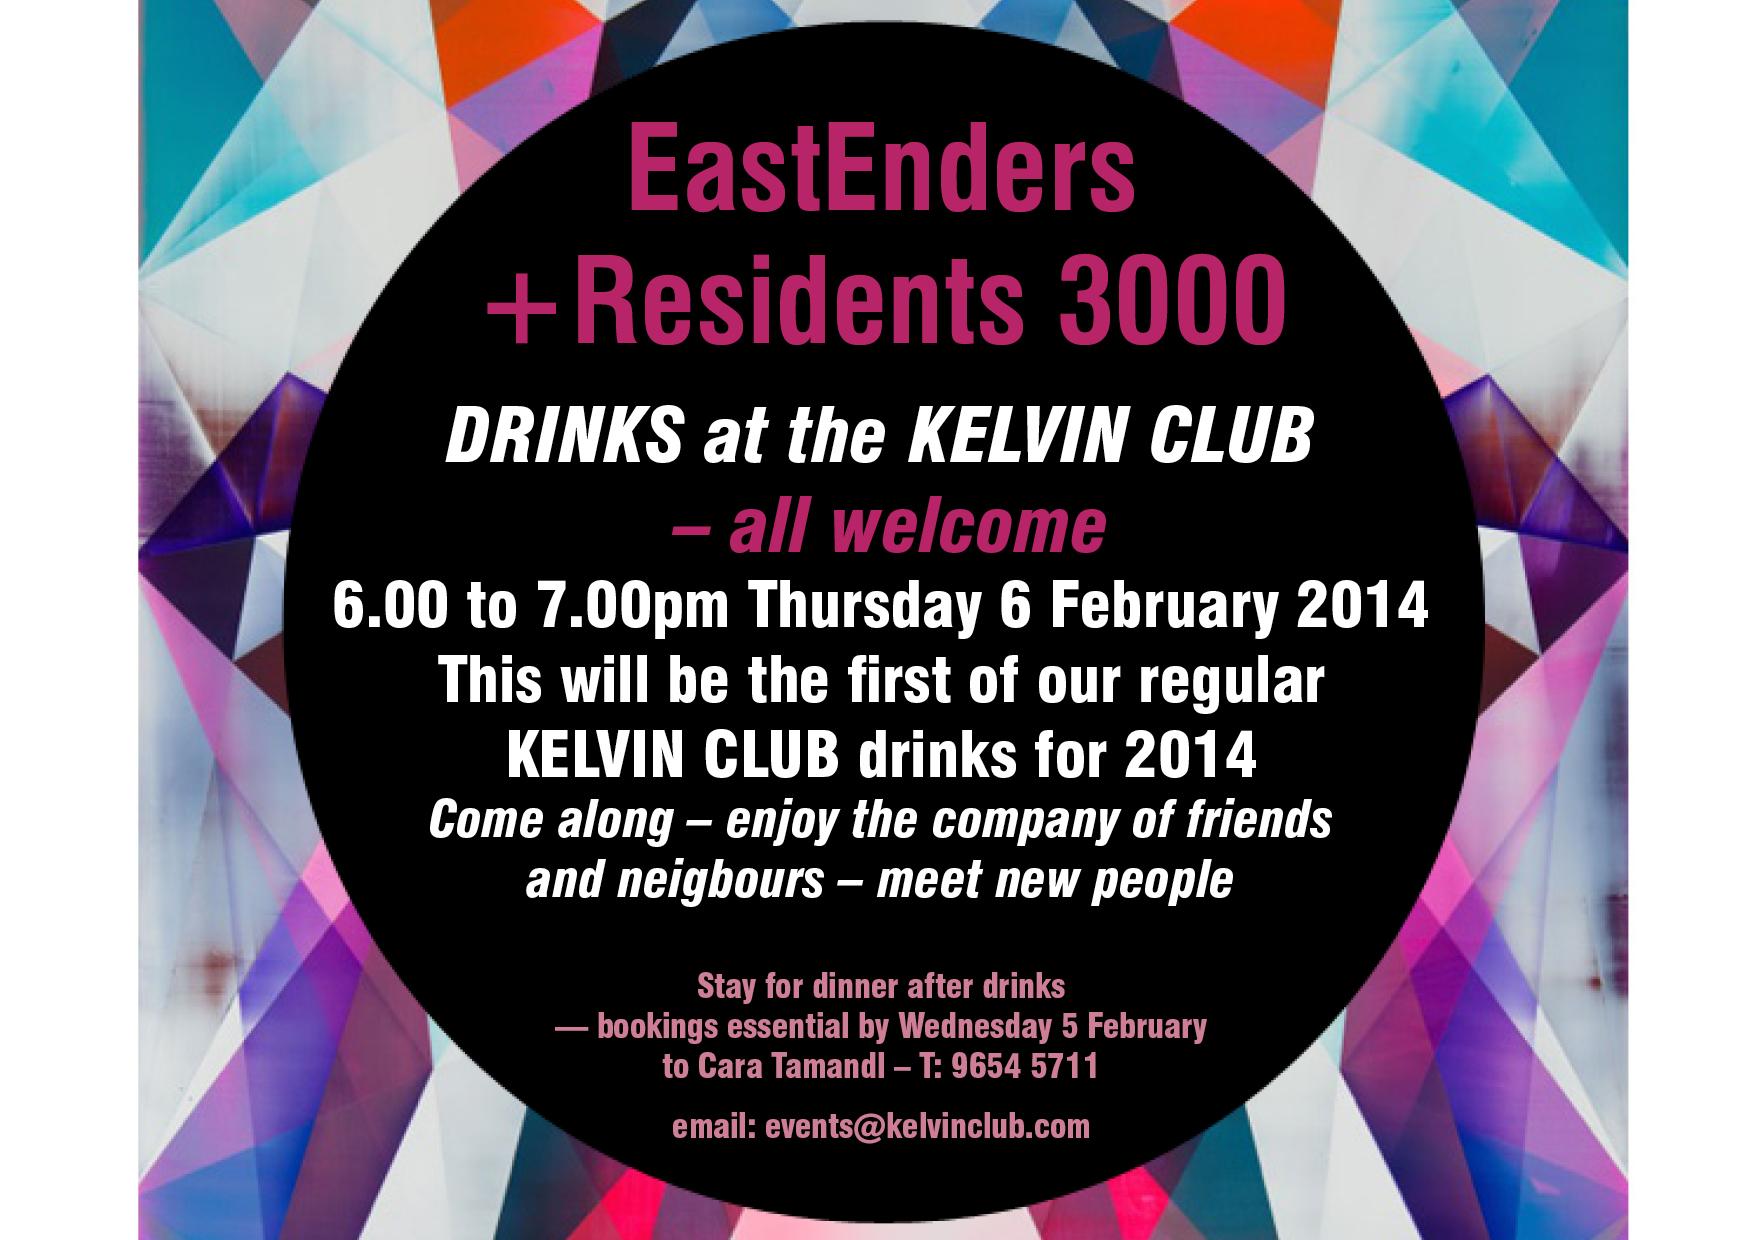 Residents3000 & Eastenders drinks